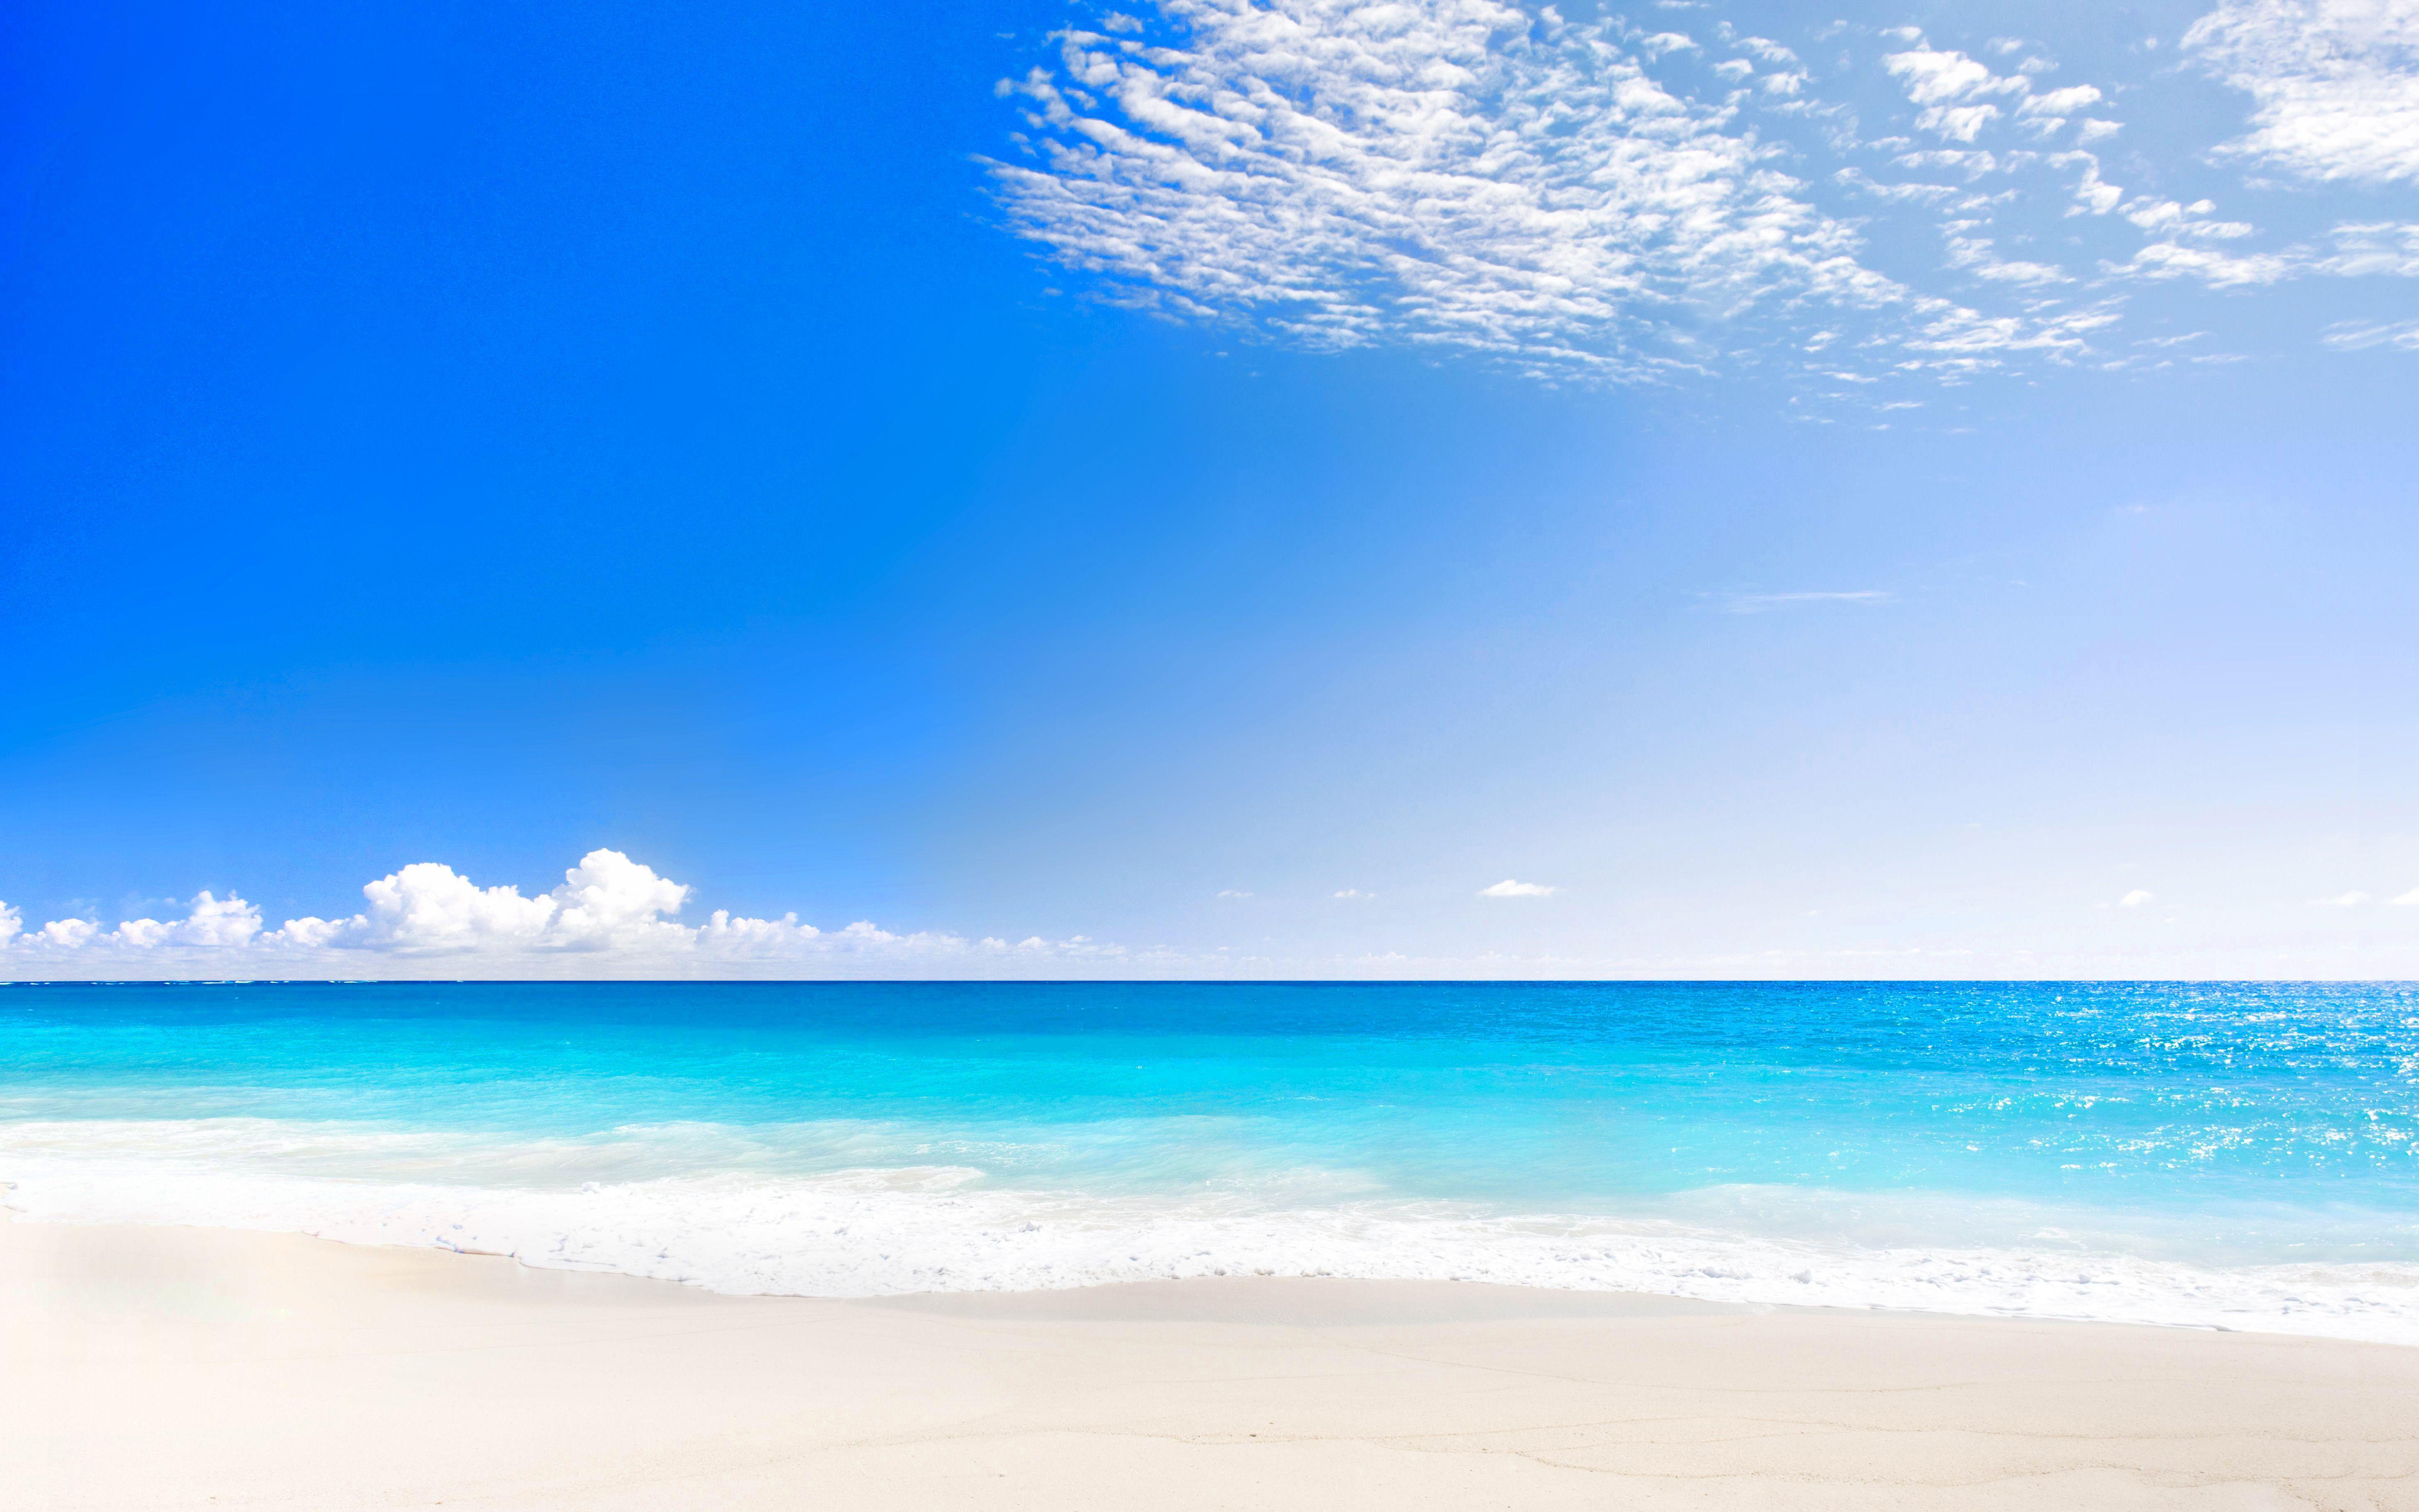 Beach 4k Wallpapers: 3840X2160 Beach Wallpapers